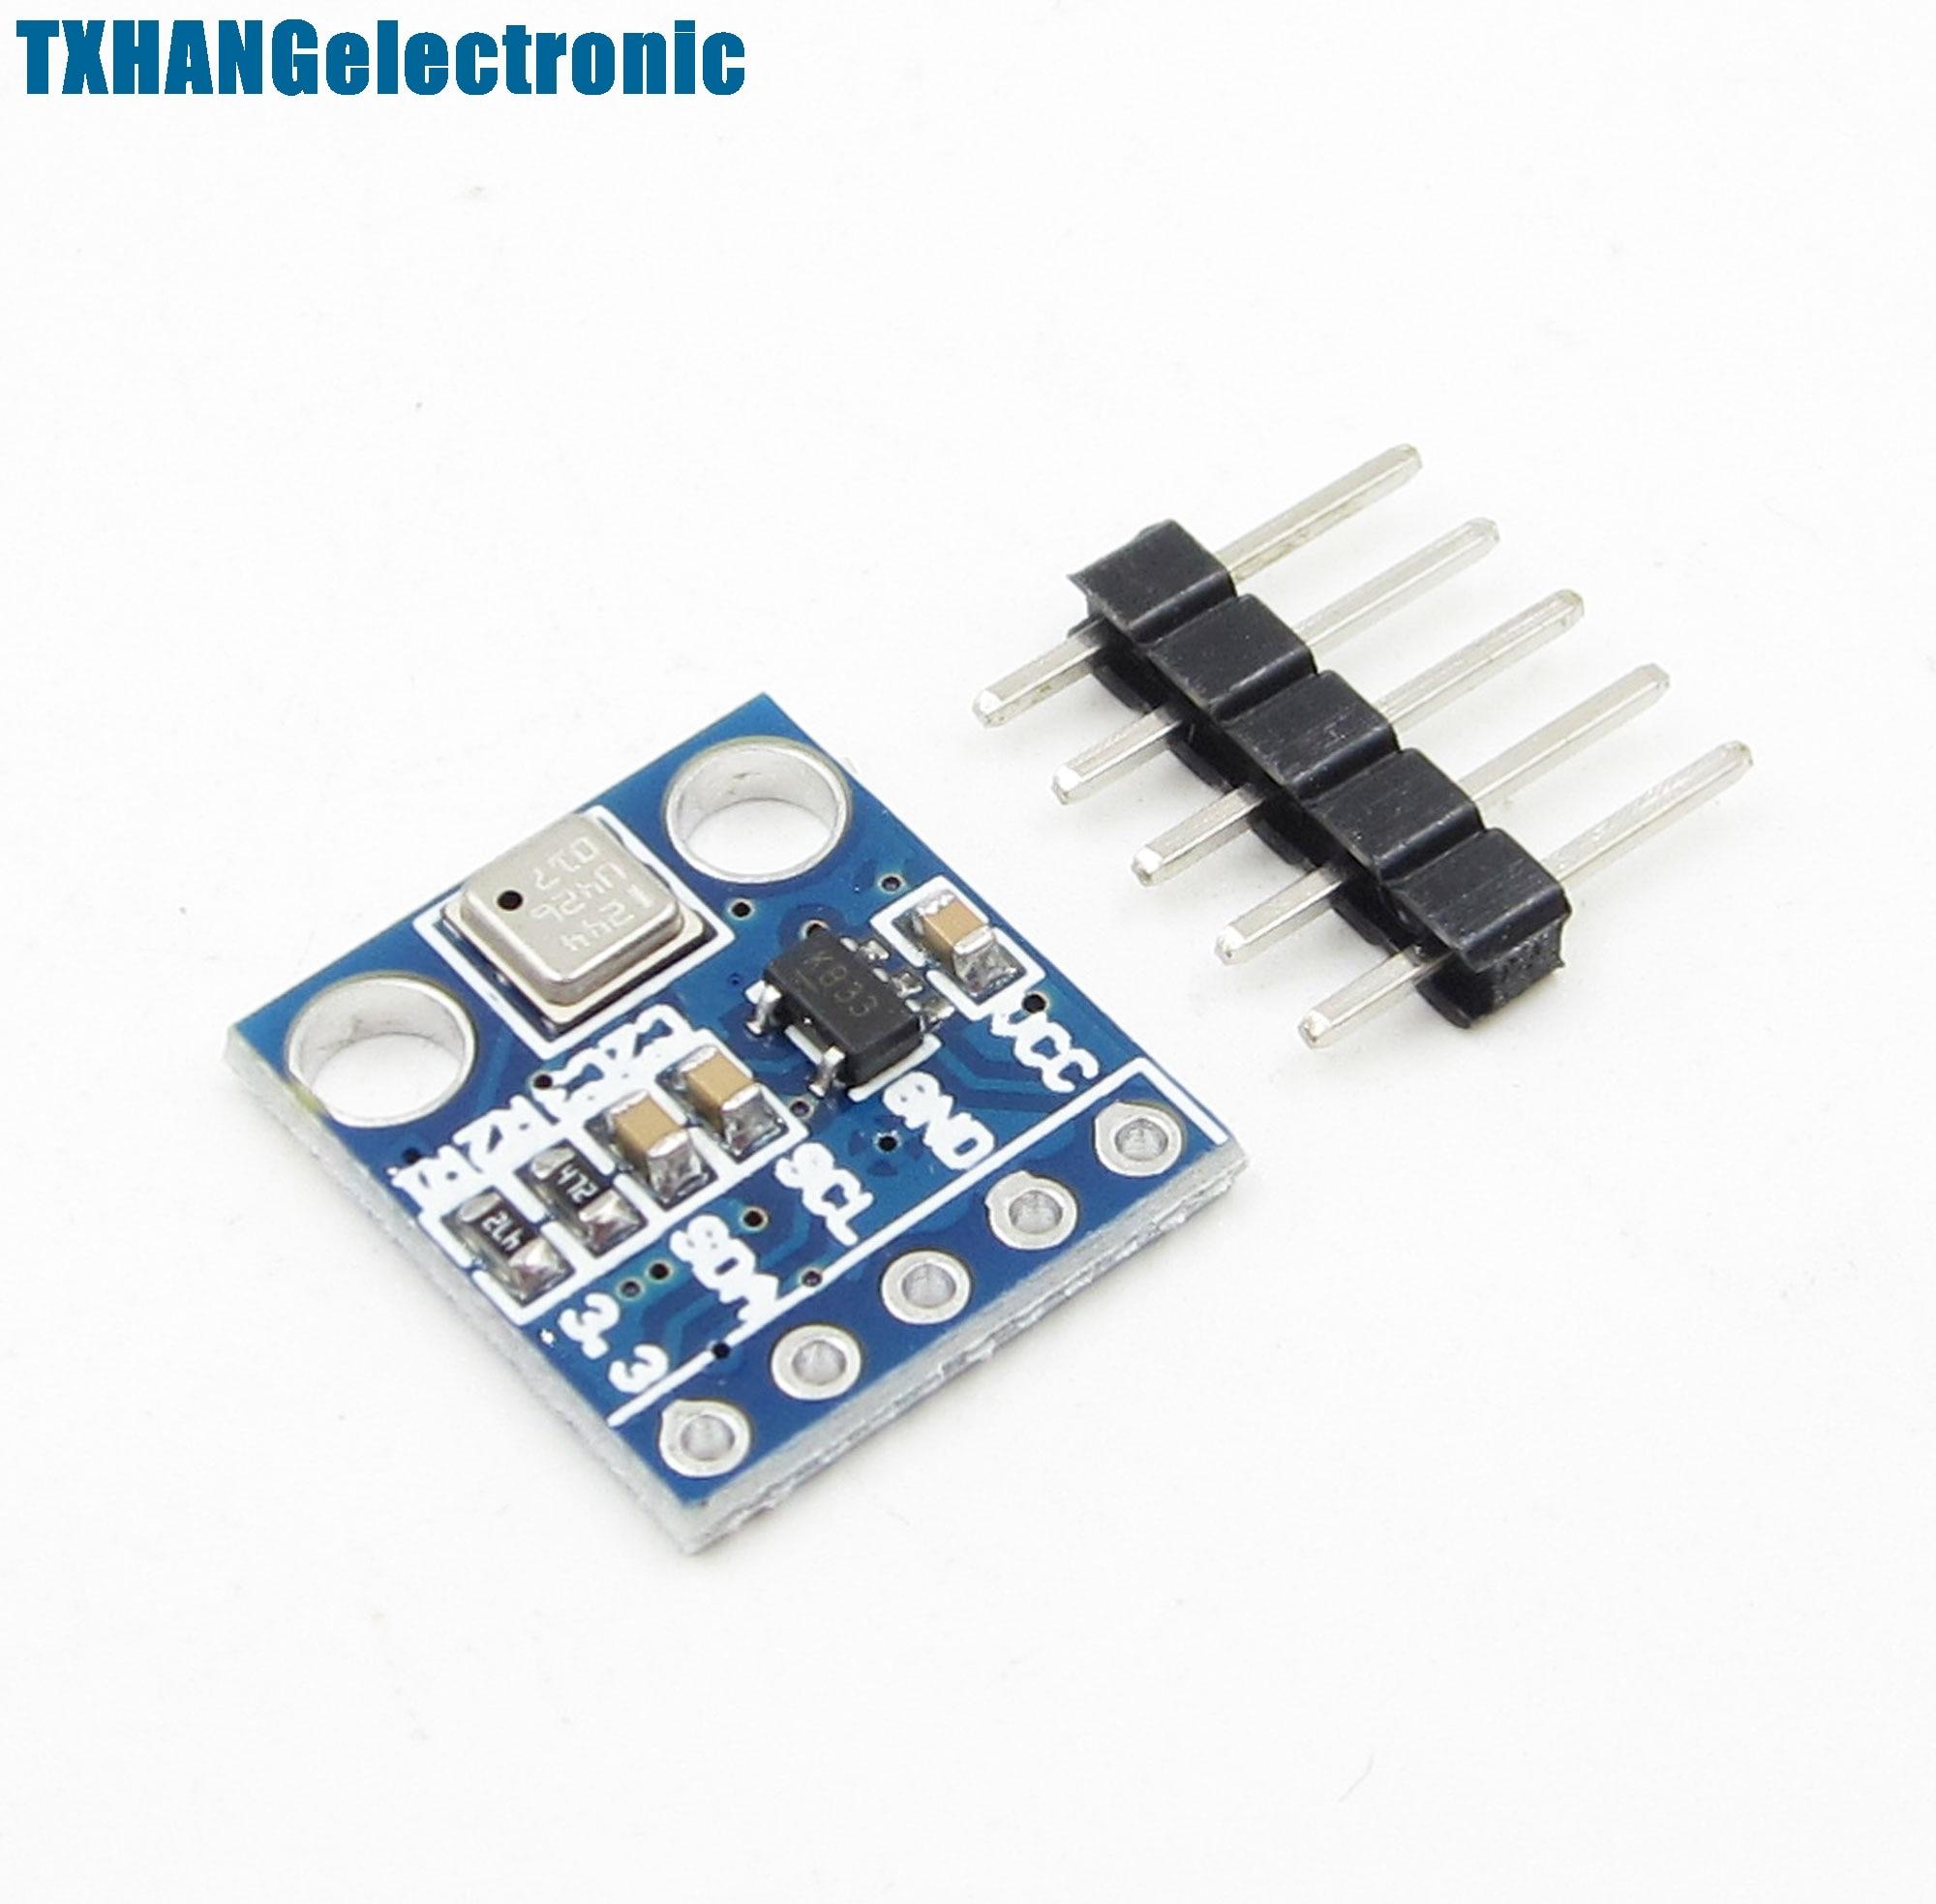 1PCS BMP180 Replace BMP085 Digital Barometric Pressure Sensor Board Module